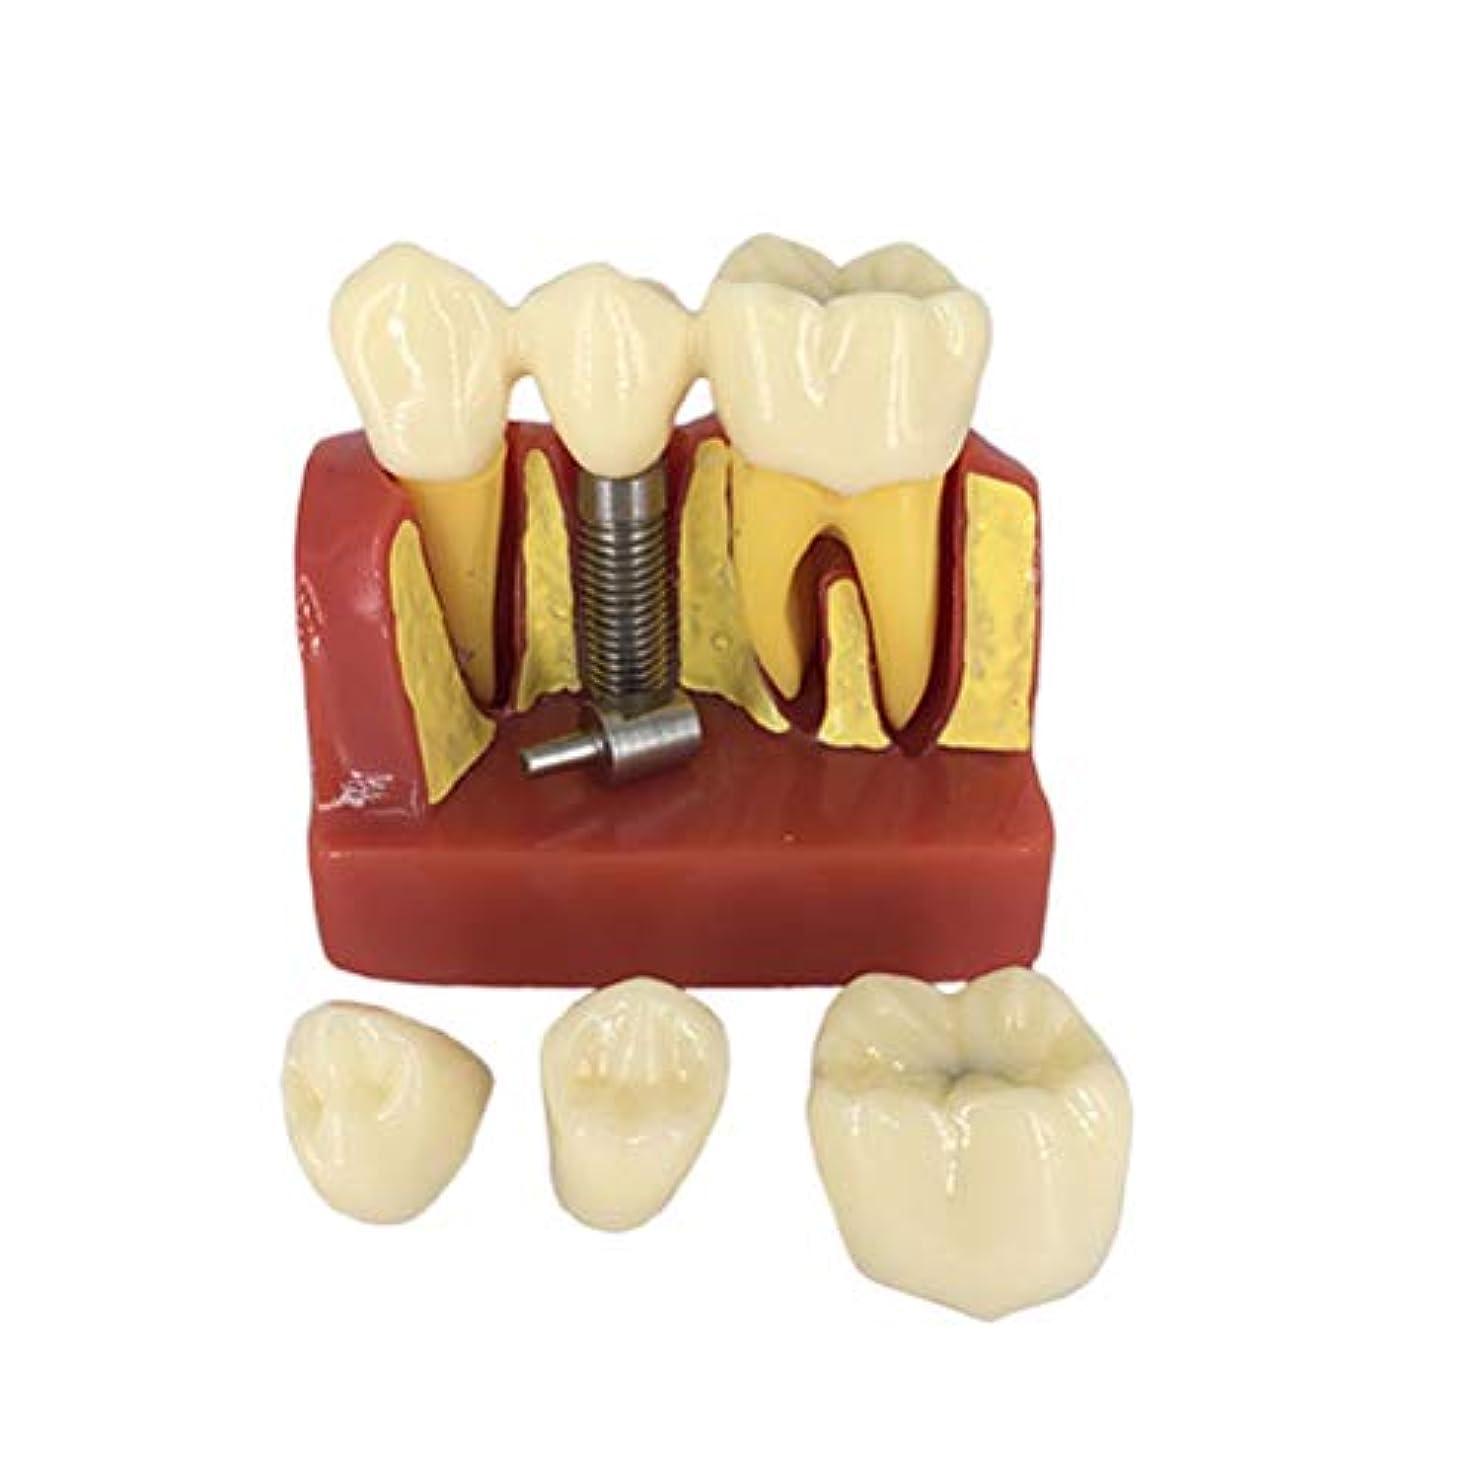 わがまま物足りない永遠にHEALIFTY デンタルデモンストレーション歯モデルデンタルモードを教える標準的な研究